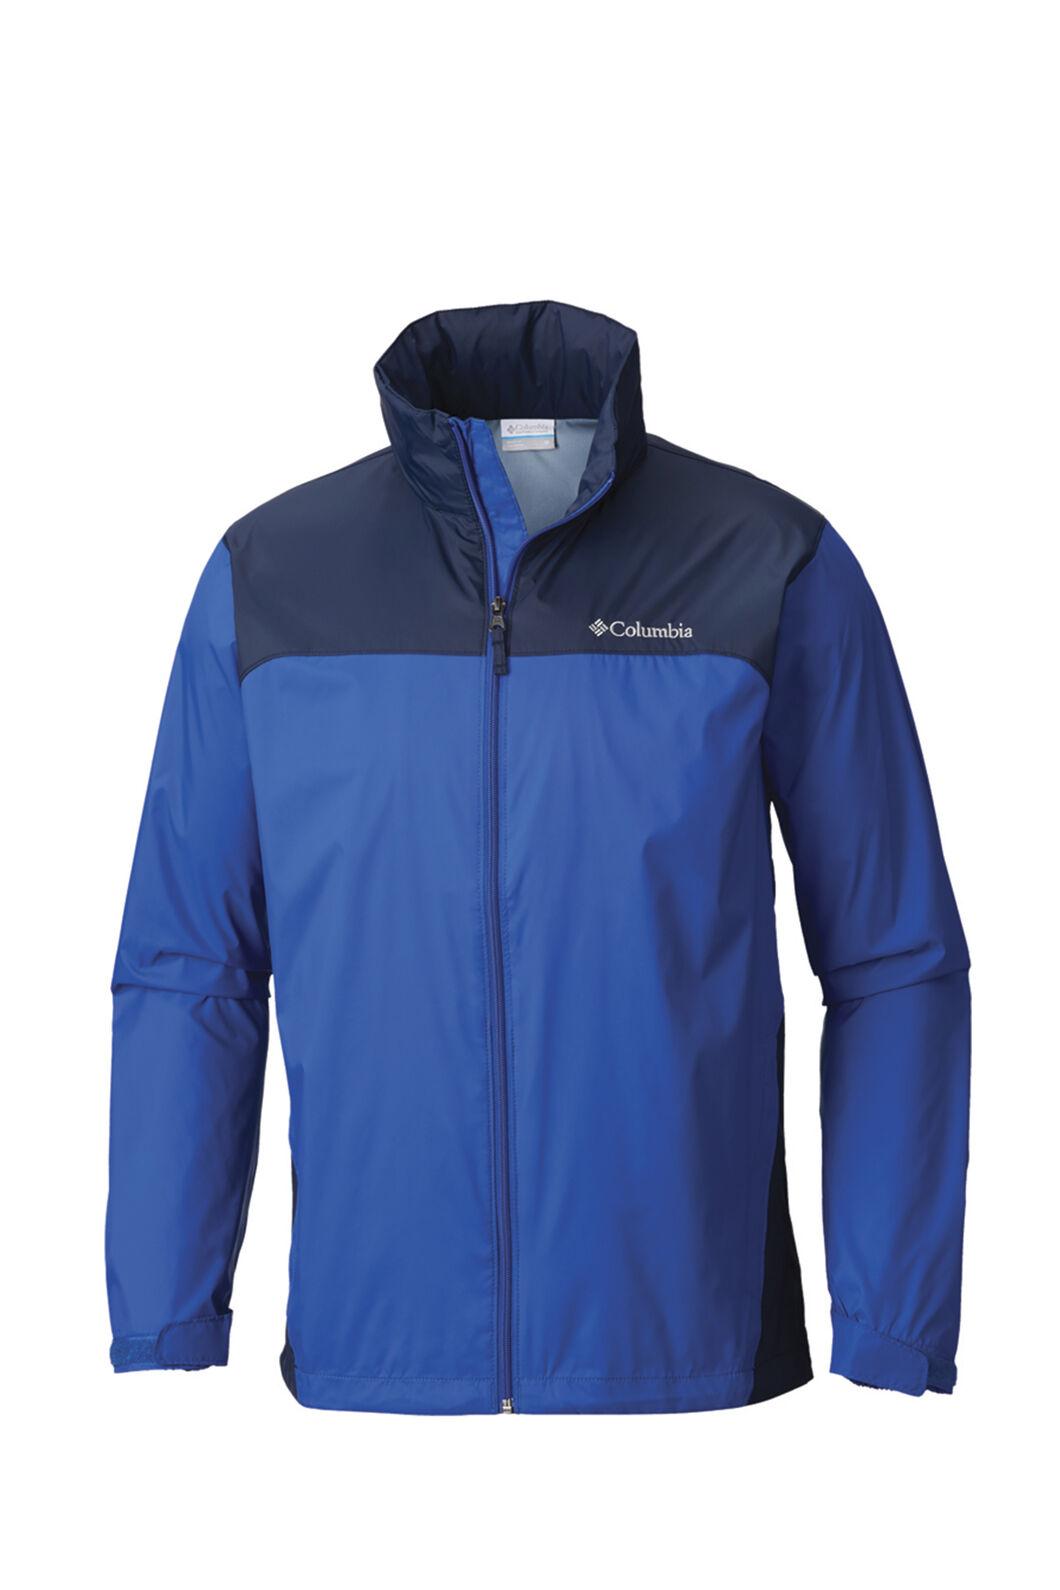 Columbia Men's Glennaker Rain Jacket AzulCollegiate, AZUL/COLLEGIATE NAVY, hi-res